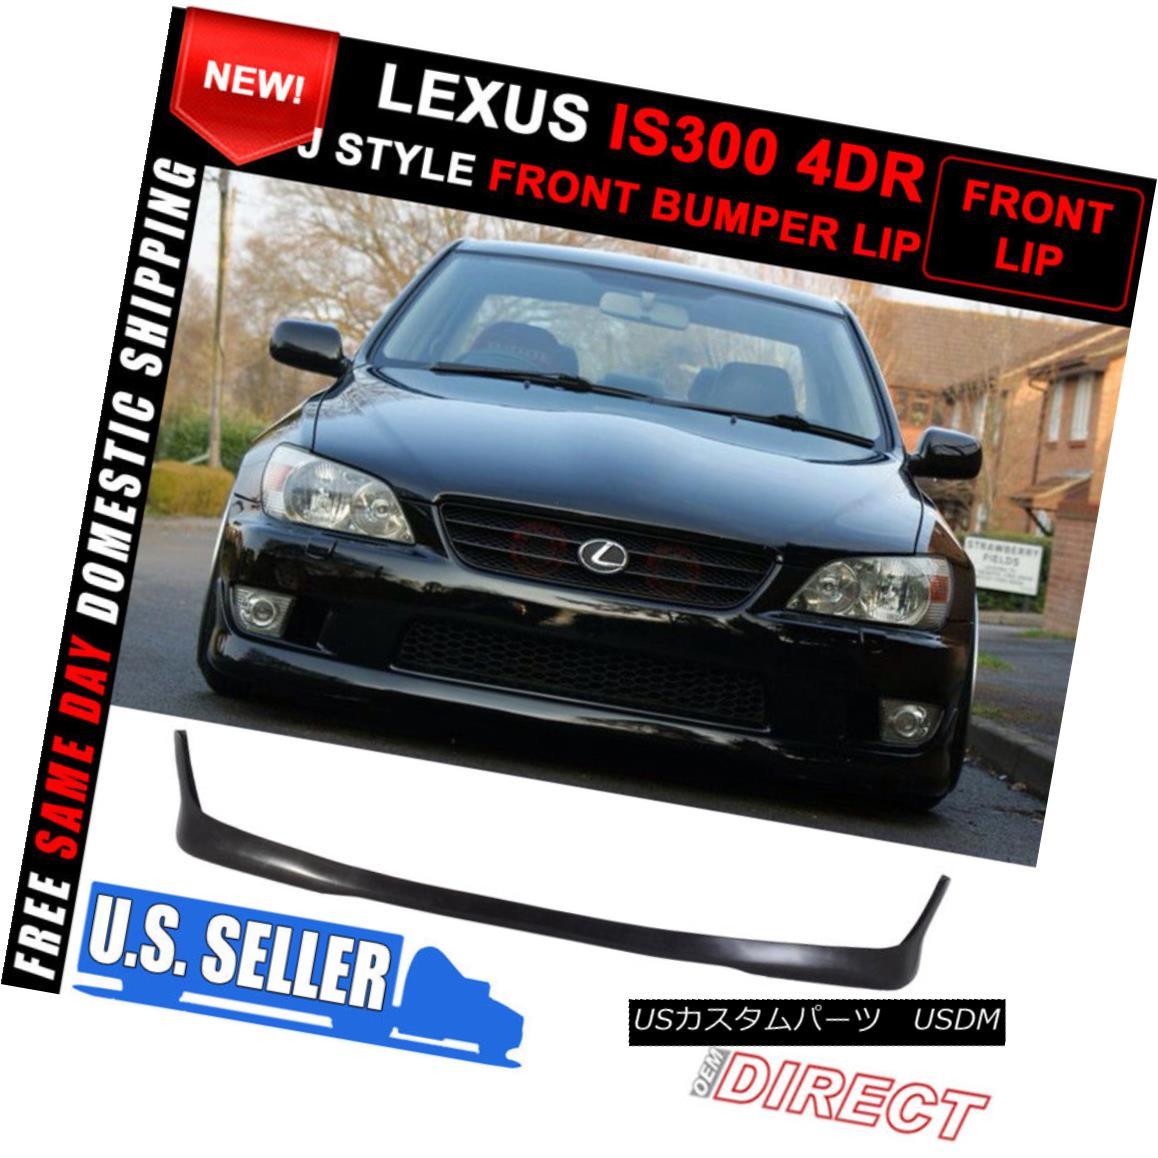 外装・エアロパーツ, フロントスポイラー  For 01-05 Lexus Is300 Altezza Sxe10 Tr Style Front Bumper Lip Spoiler 01-05Lexus Is300 Altezza Sxe10 Tr